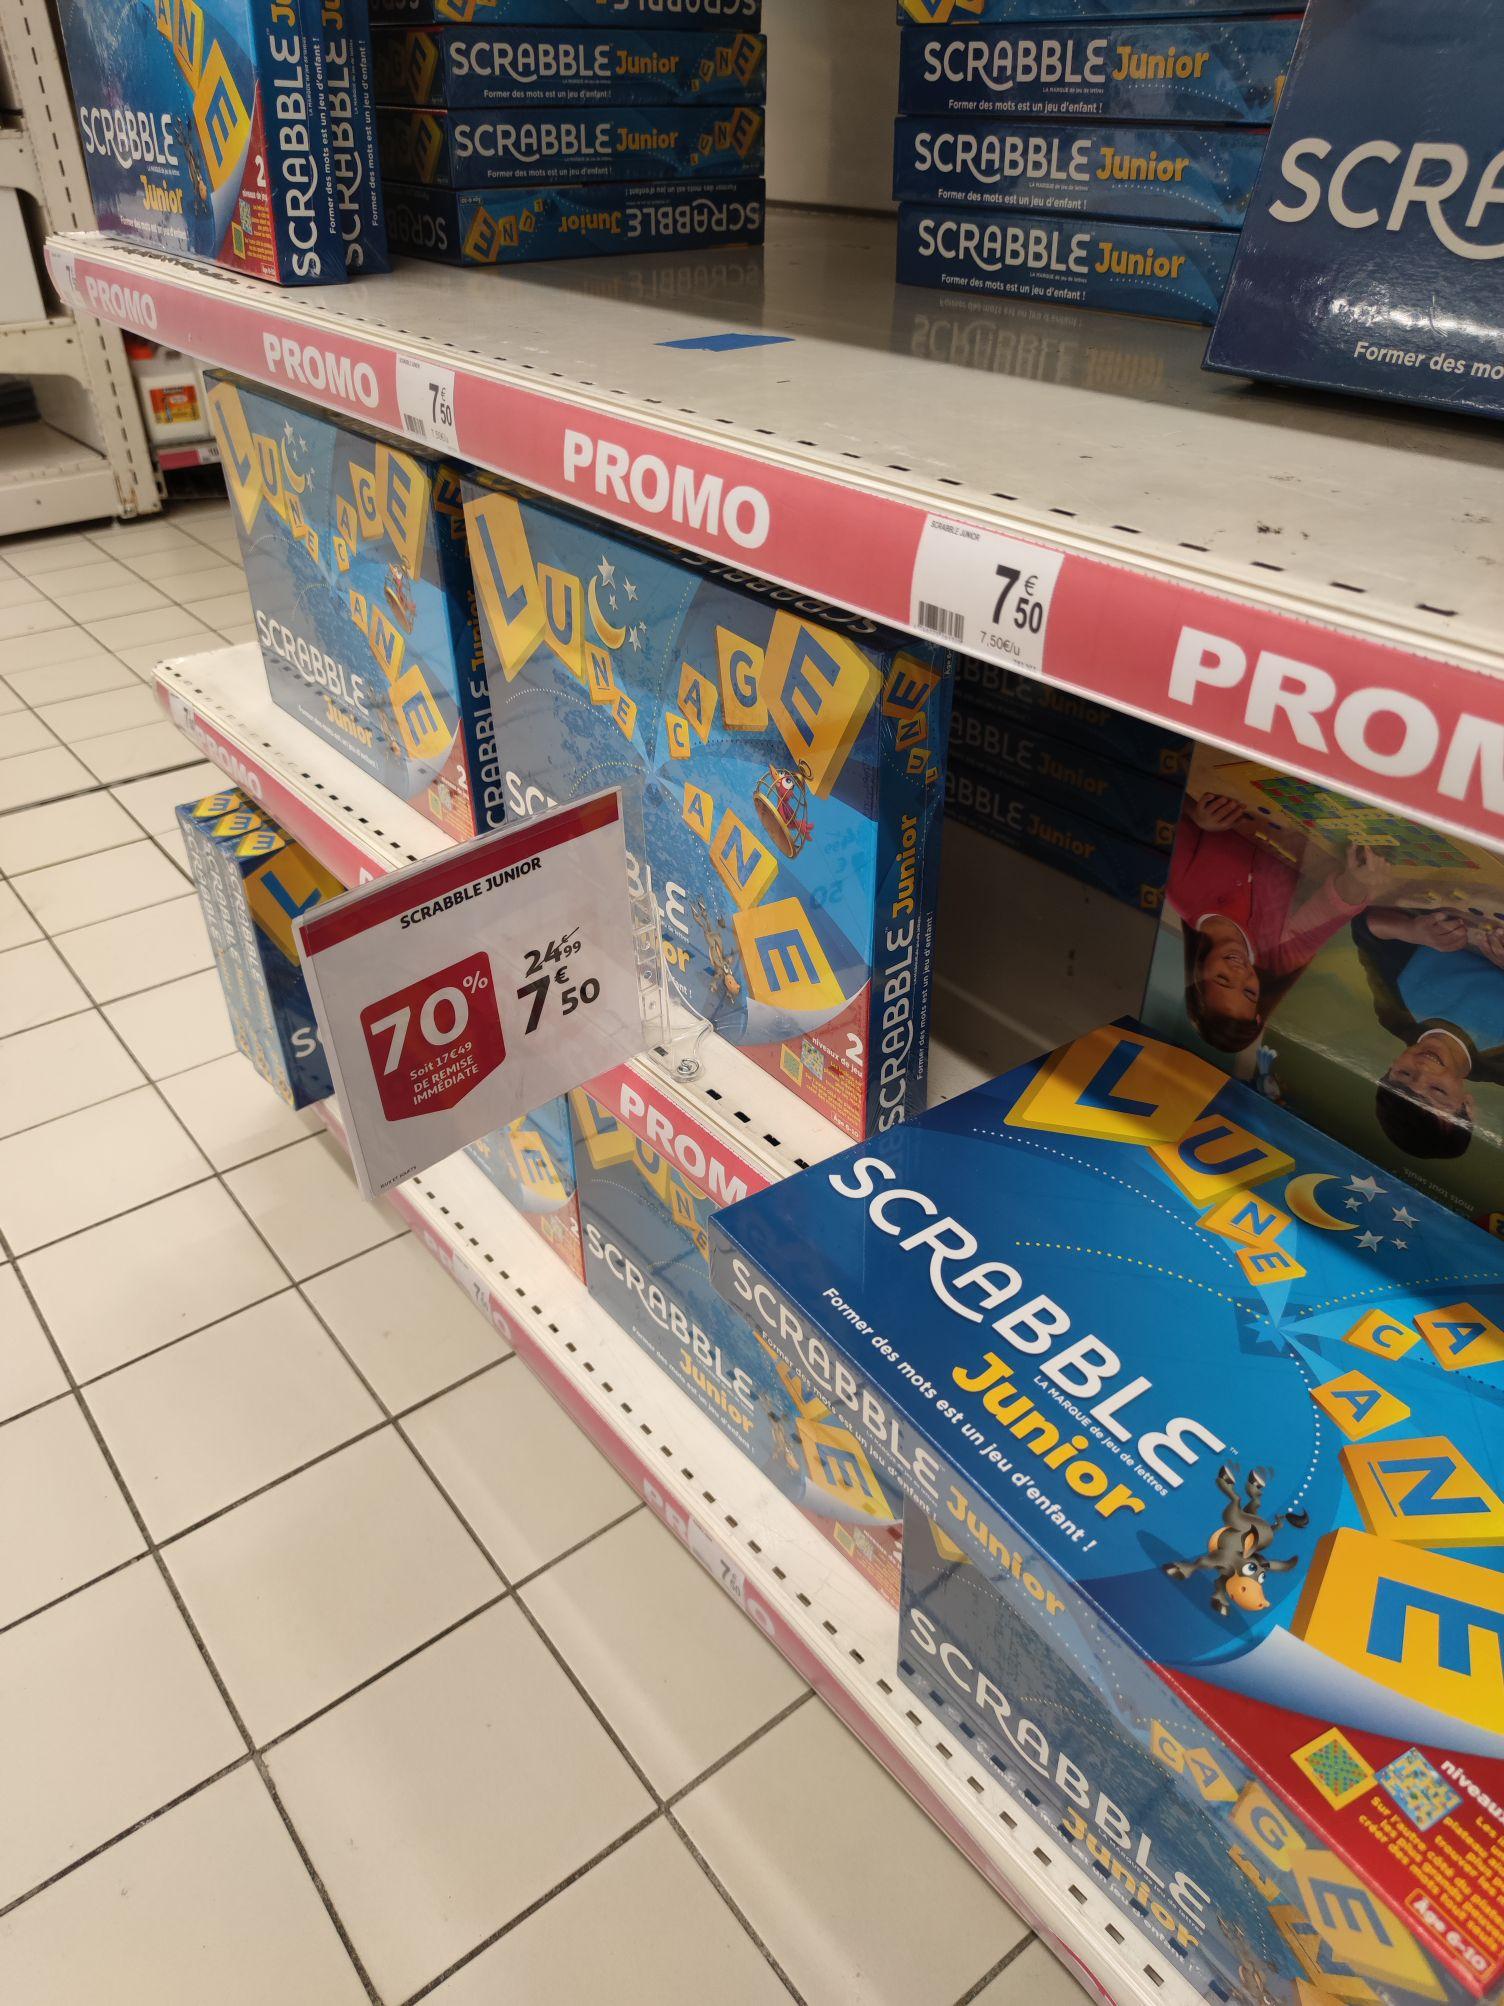 Jeu de société Scrabble Junior - Auchan du Kremlin Bicêtre (94)